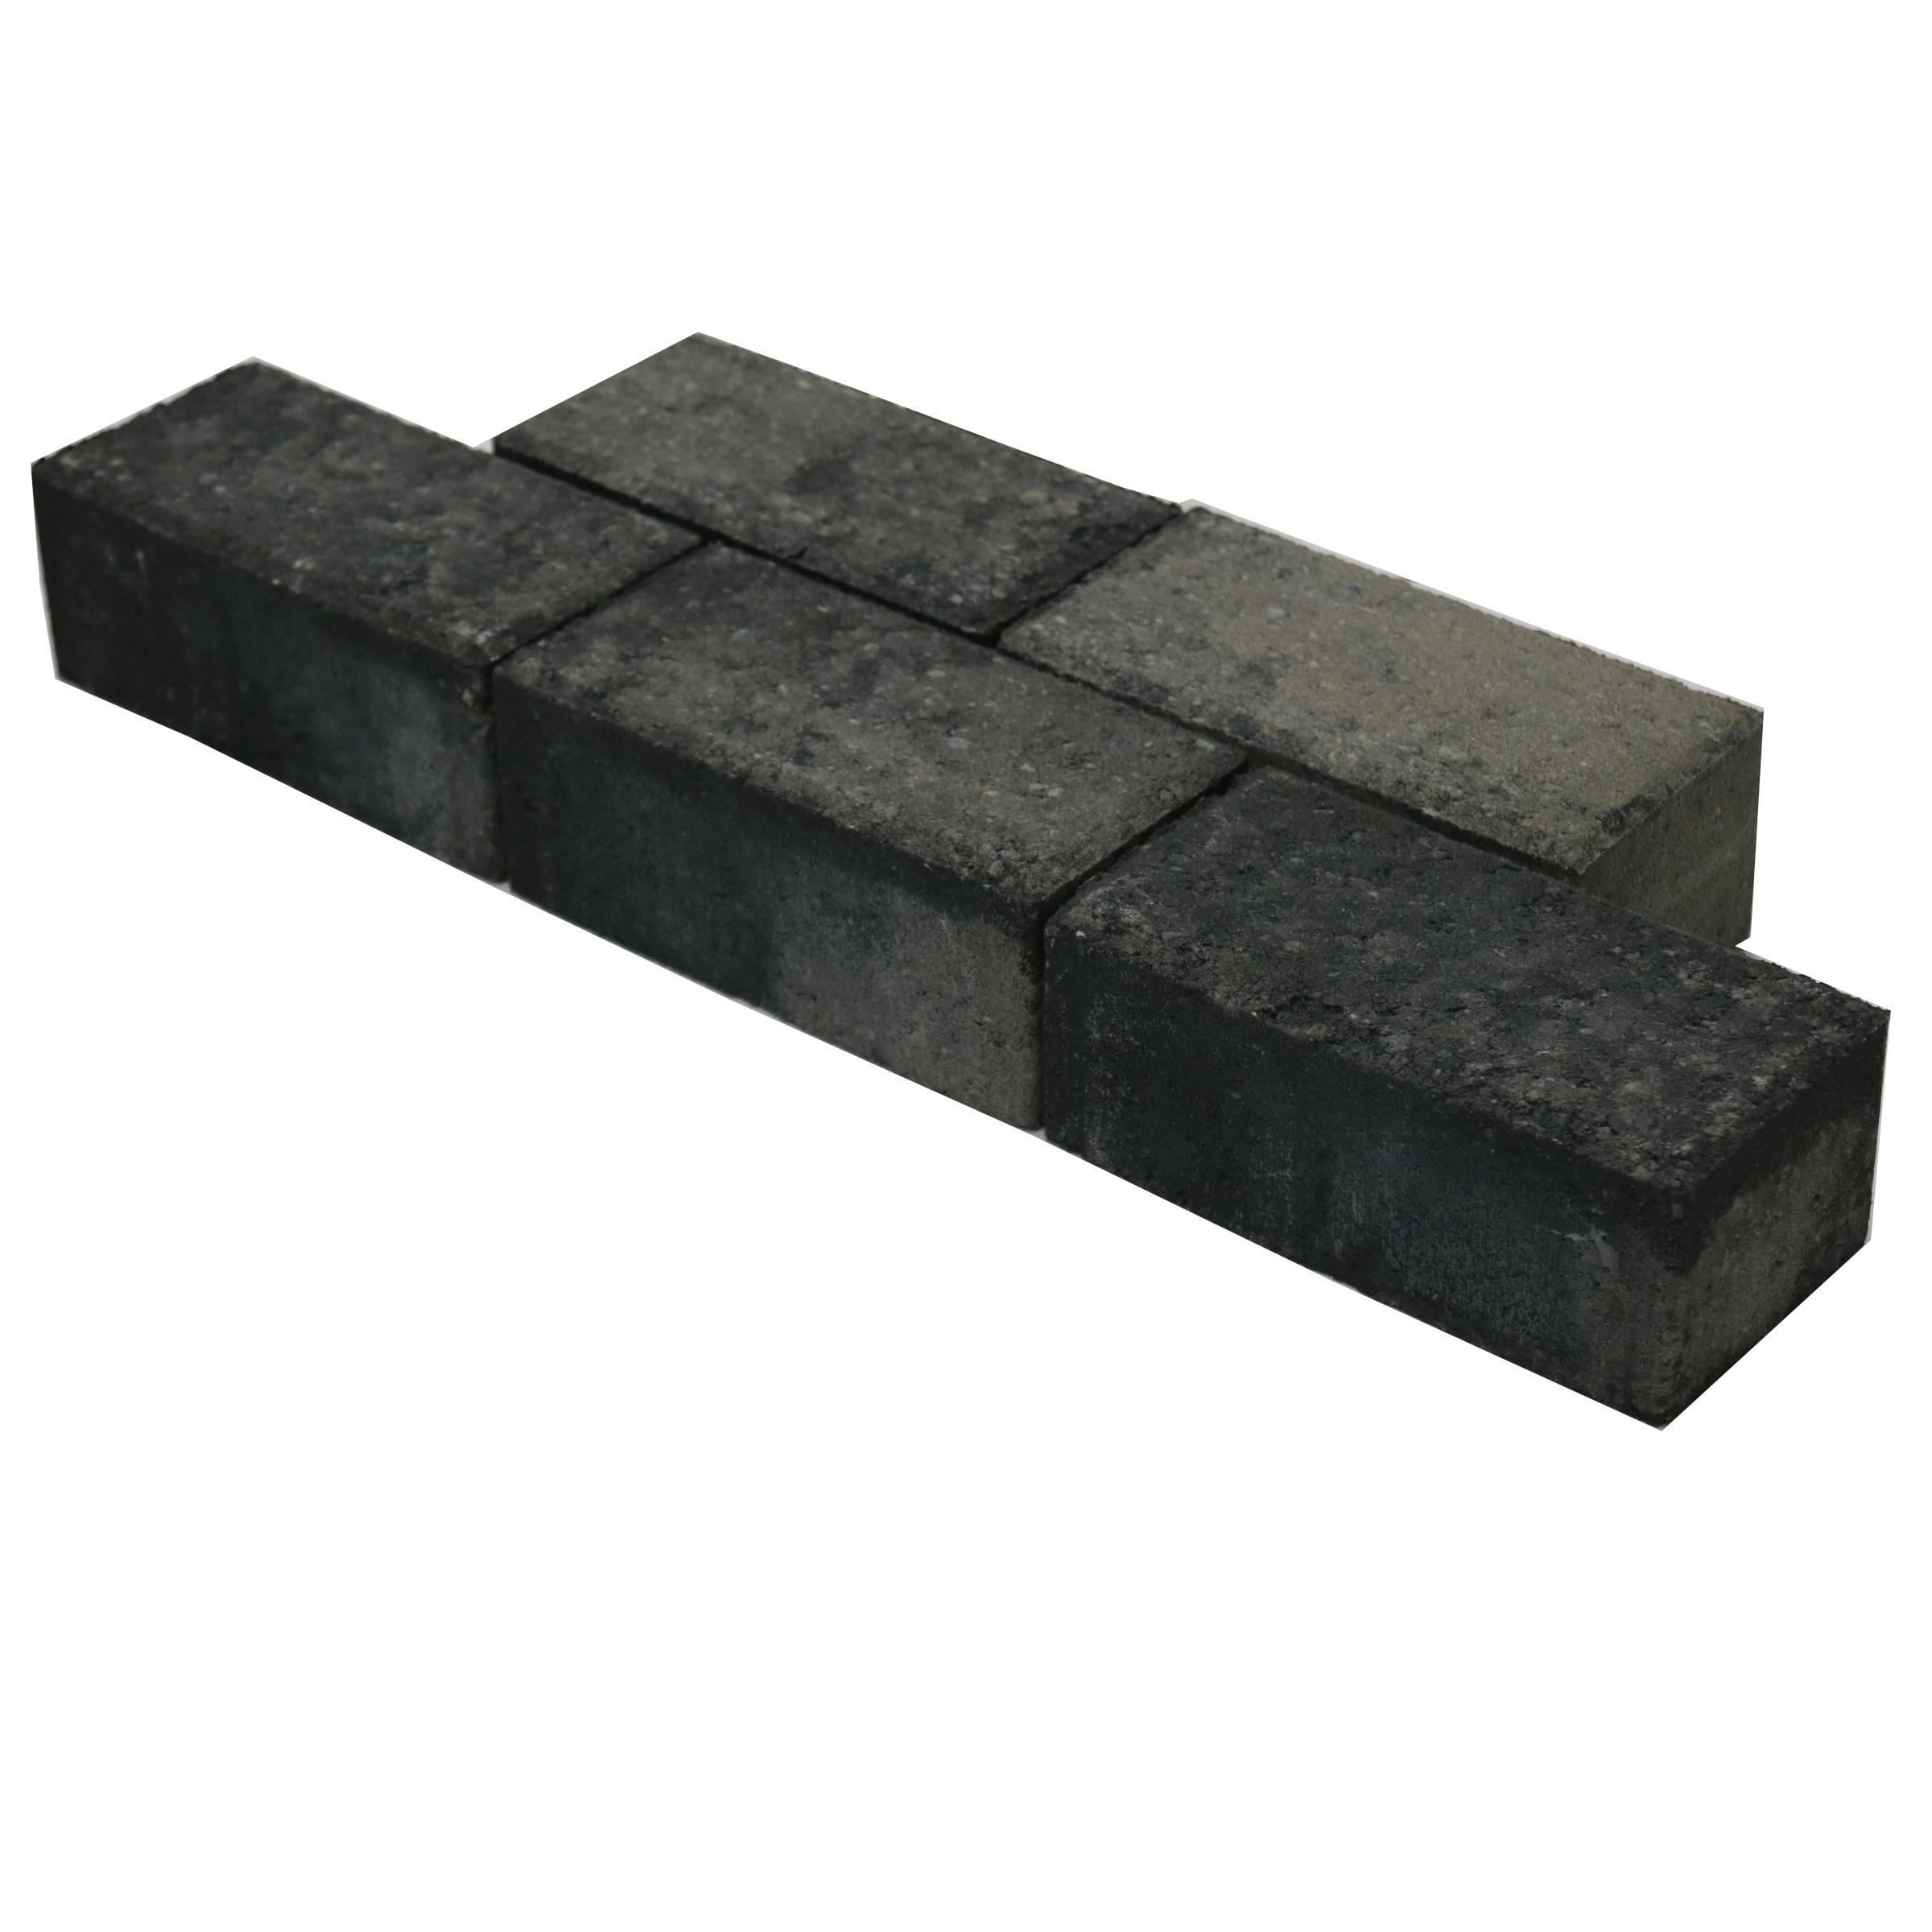 Klinker Beton Facet Grijs/Zwart 21x10,5x8 cm - 36 Klinkers - 0,75 m2